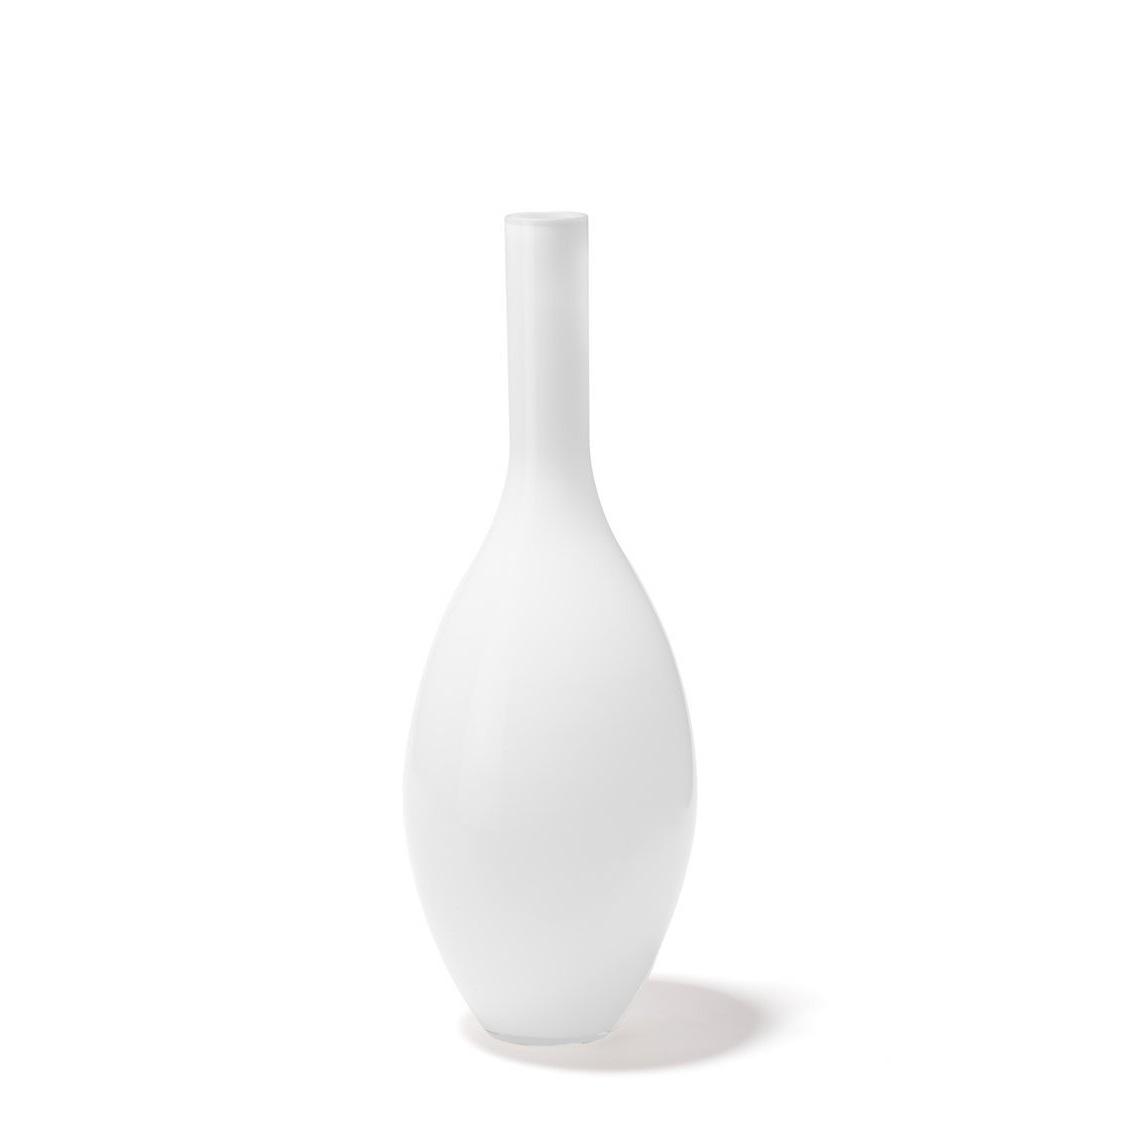 51lcGxL1EwL. SL1500  - Vază Beauty white 50 cm (L052455)